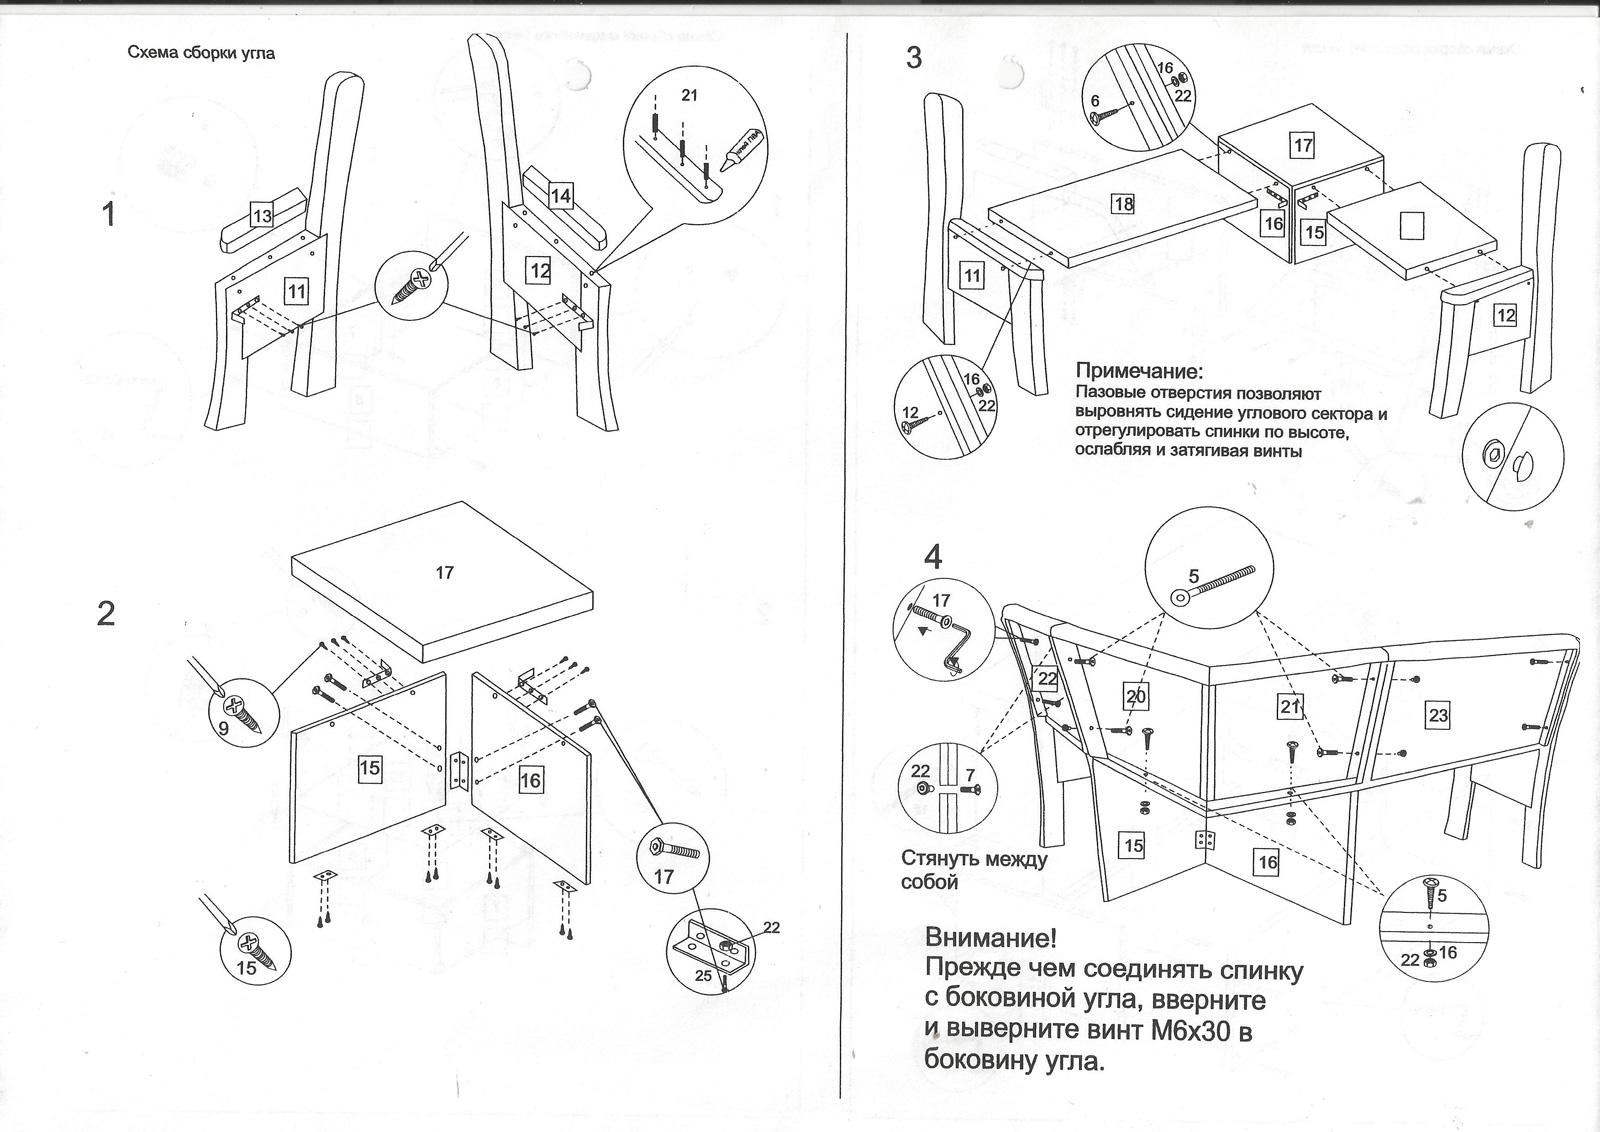 Как собрать двуспальную кровать, инструкция с детальным описанием процесса